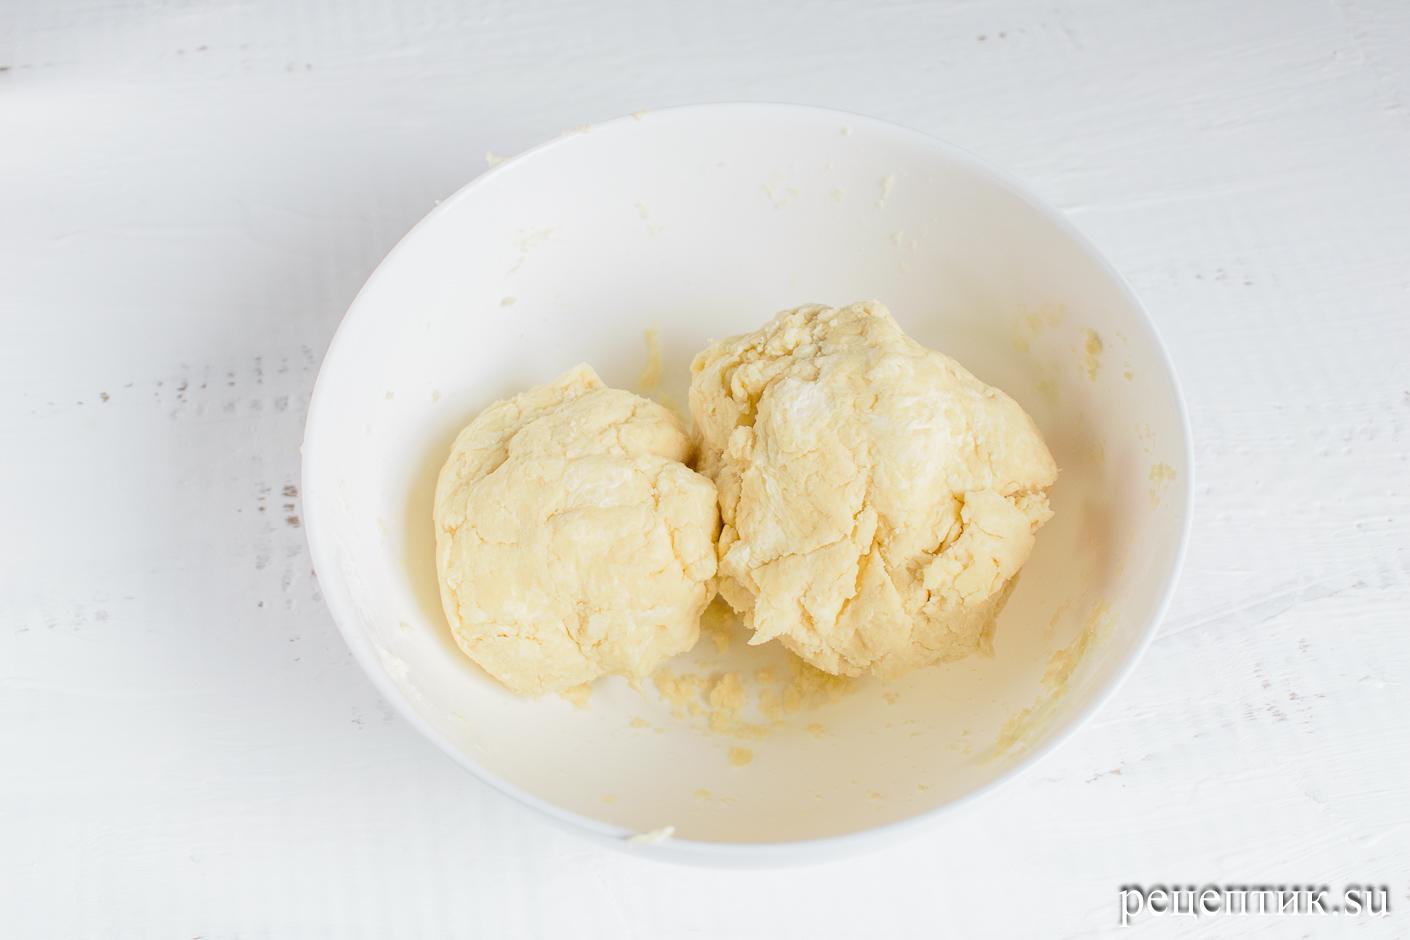 Яблочный пирог с решеткой из песочного теста - рецепт с фото, шаг 4